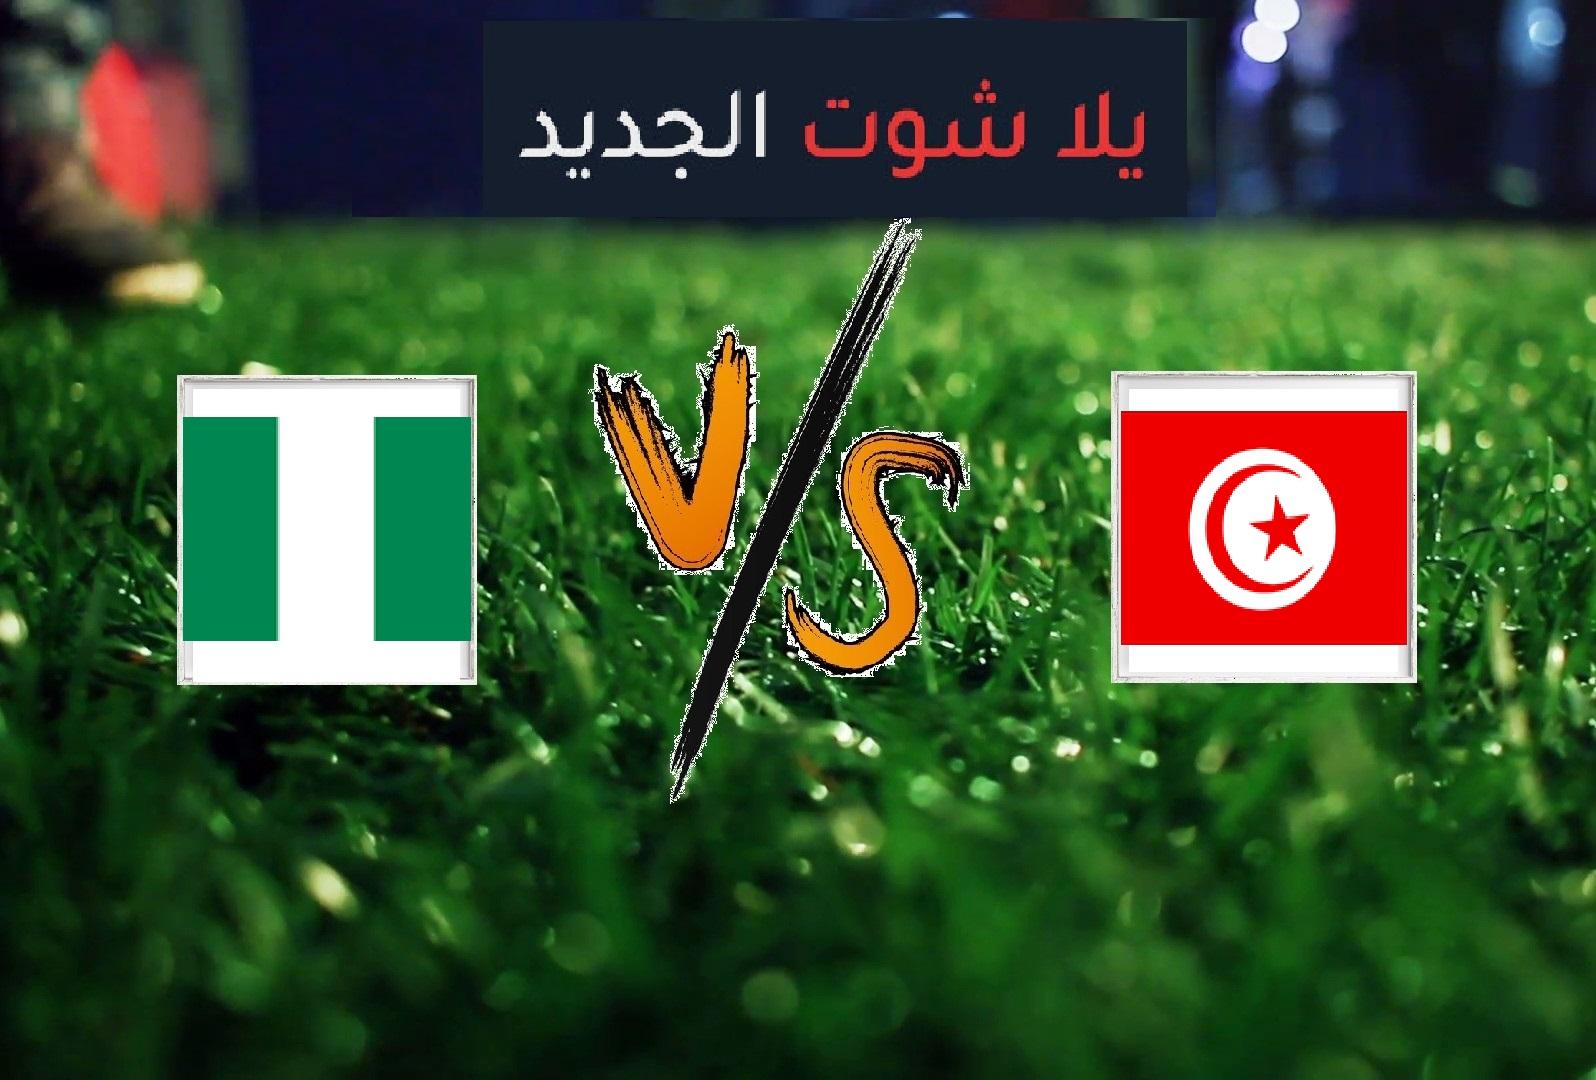 نيجيريا تفوز على تونس بهدف دون رد اليوم الاربعاء بتاريخ 17-07-2019 كأس الأمم الأفريقية